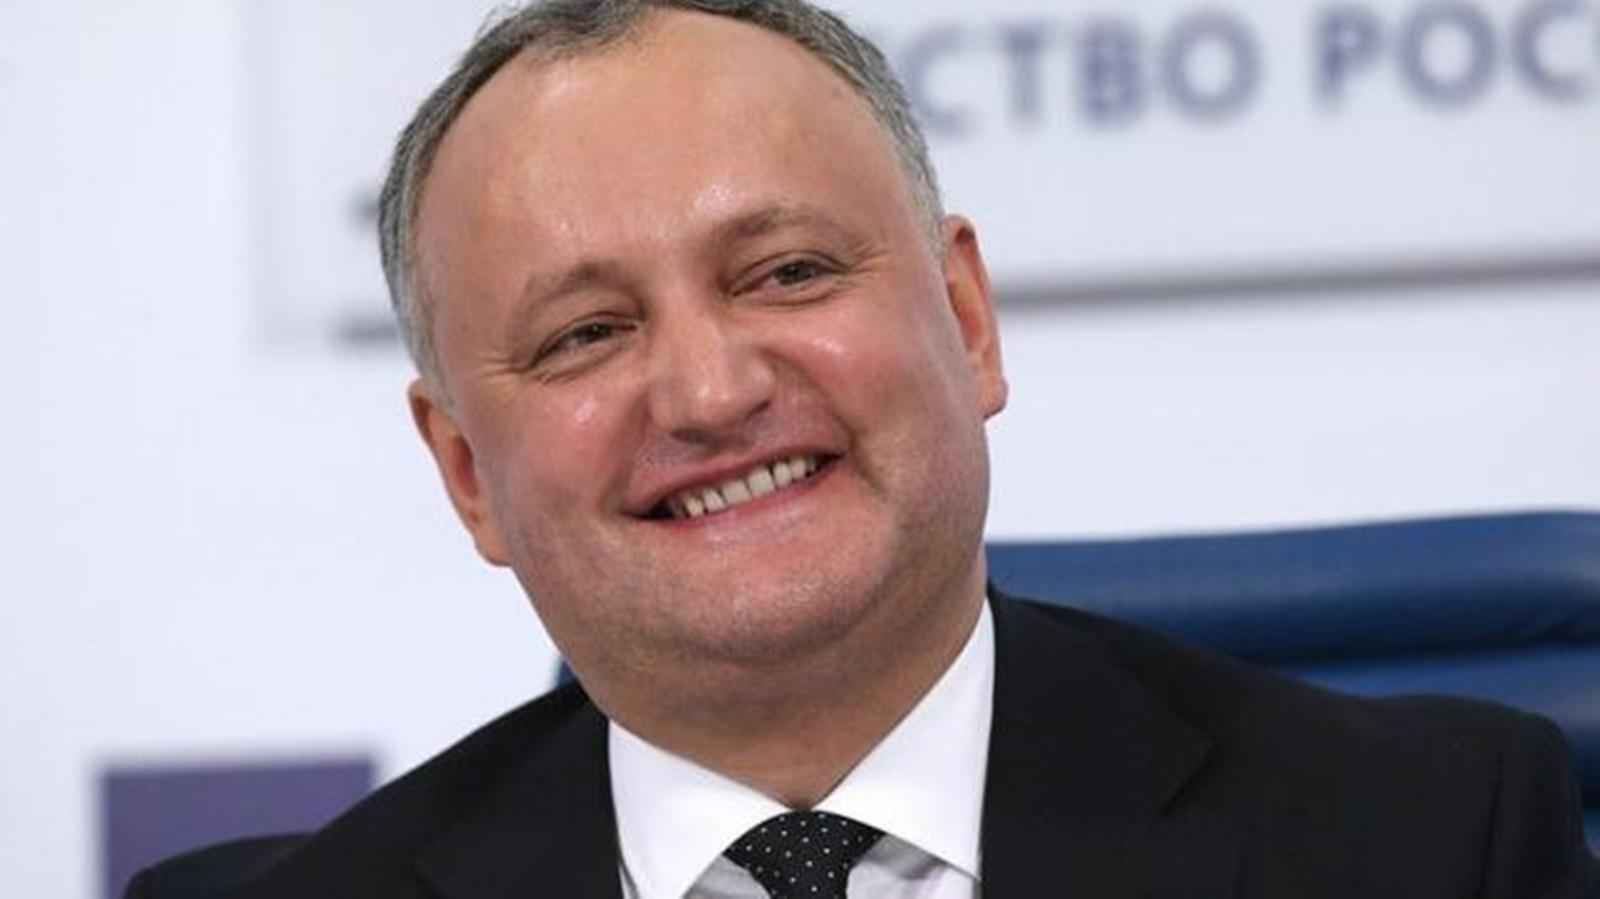 În Republica Moldova, școala a început de la 1 septembrie! Băiatul lui Igor Dodon a început grădinița